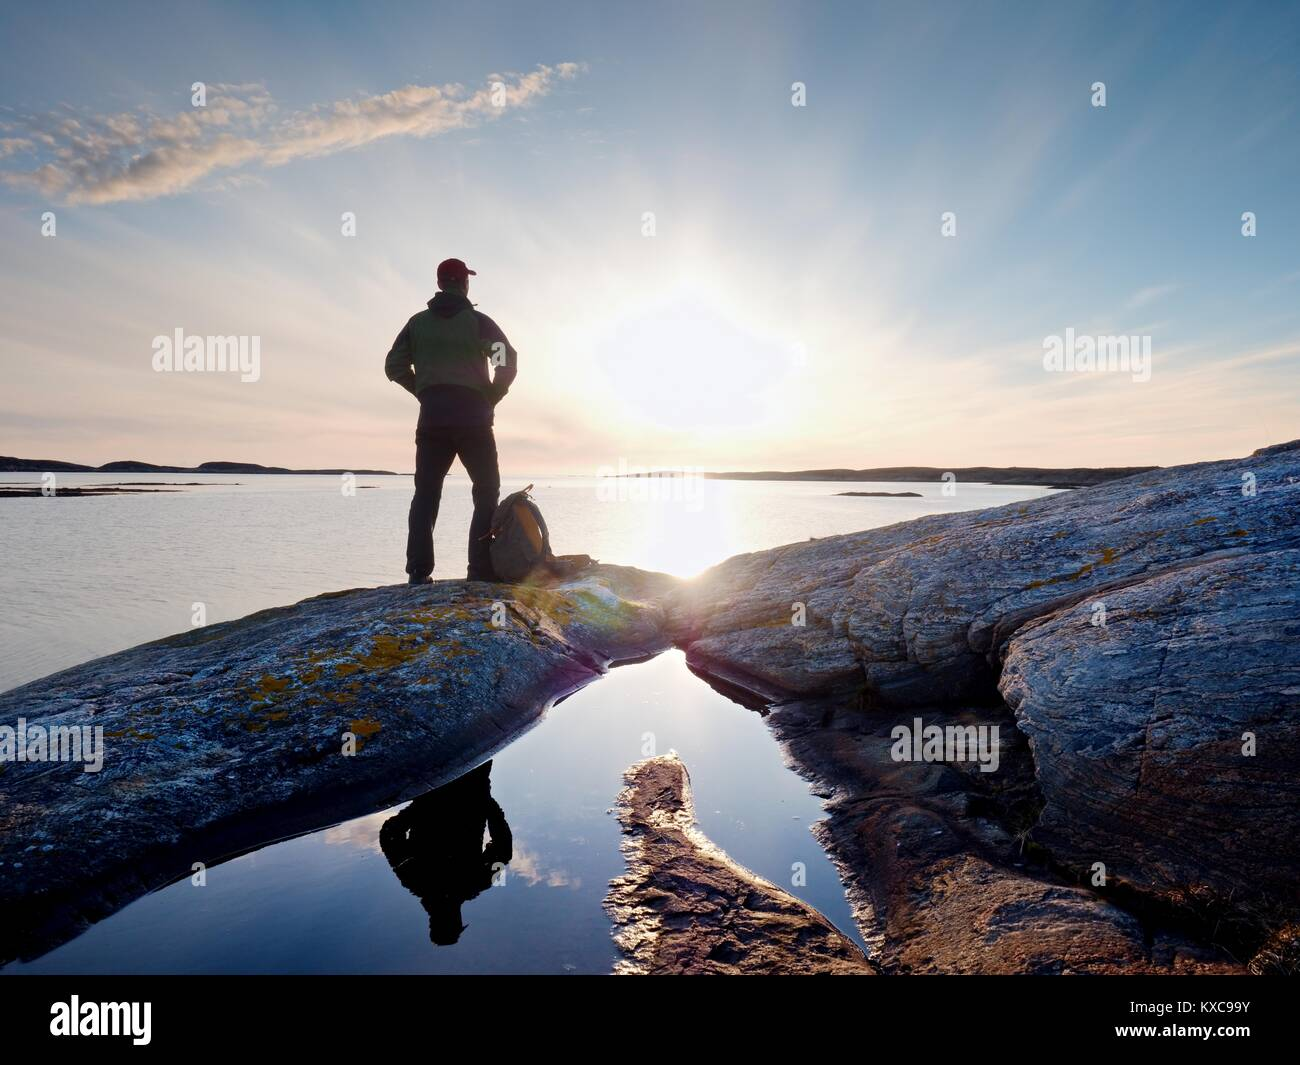 Giovane uomo in piedi con lo zaino. Escursionista sulla pietra sulla riva del mare al tramonto colorato sky. Bellissimo Immagini Stock